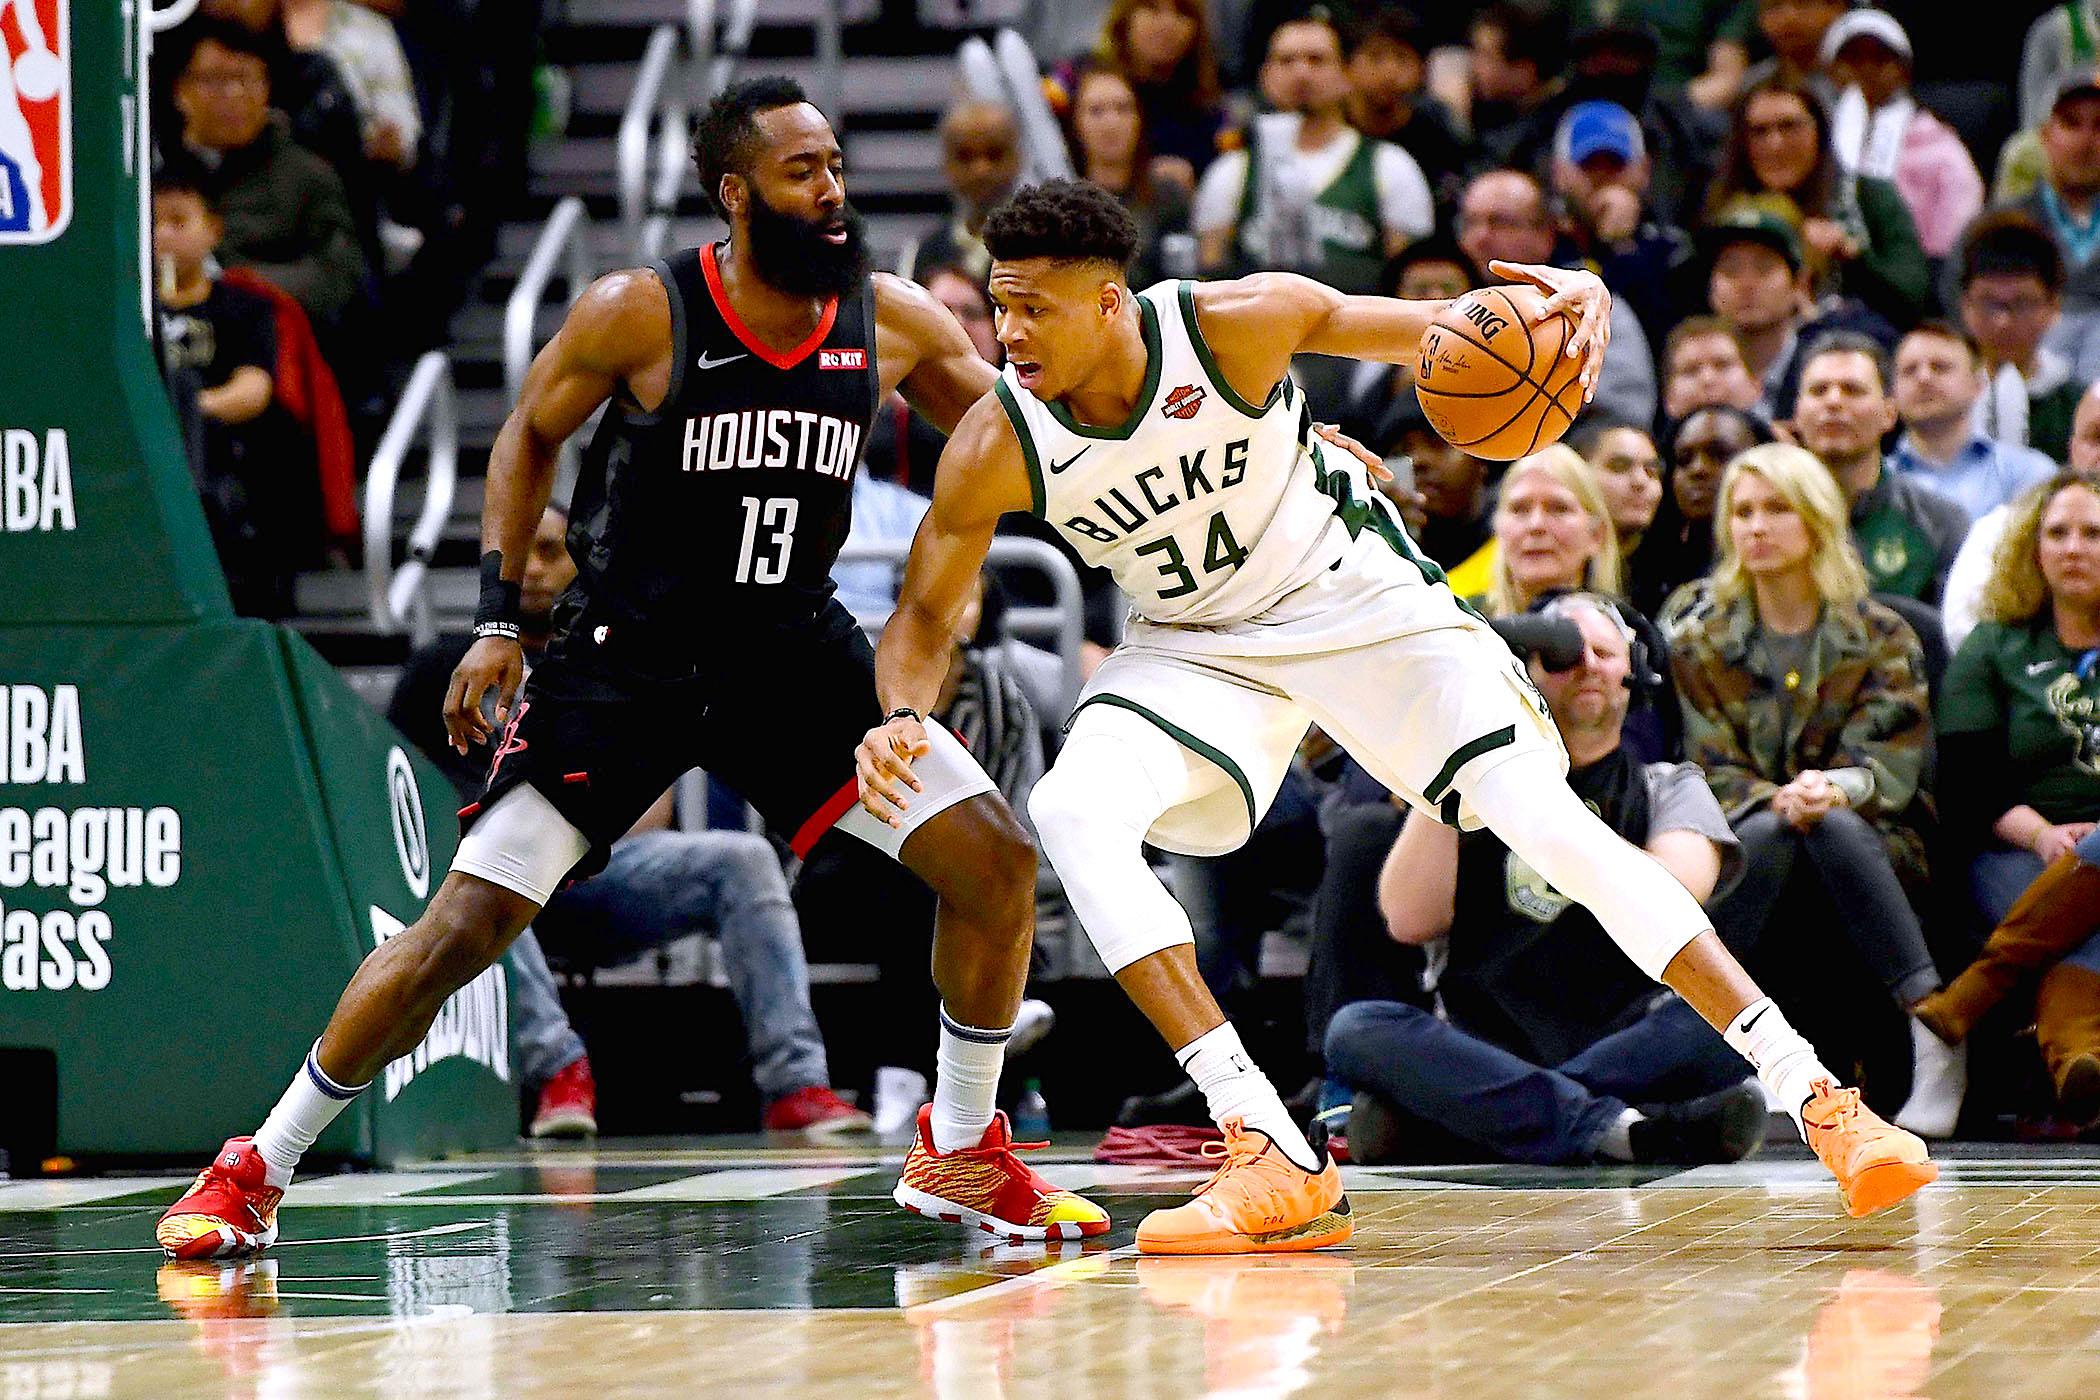 NBA 正式公布 2018/19 赛季最佳阵容名单